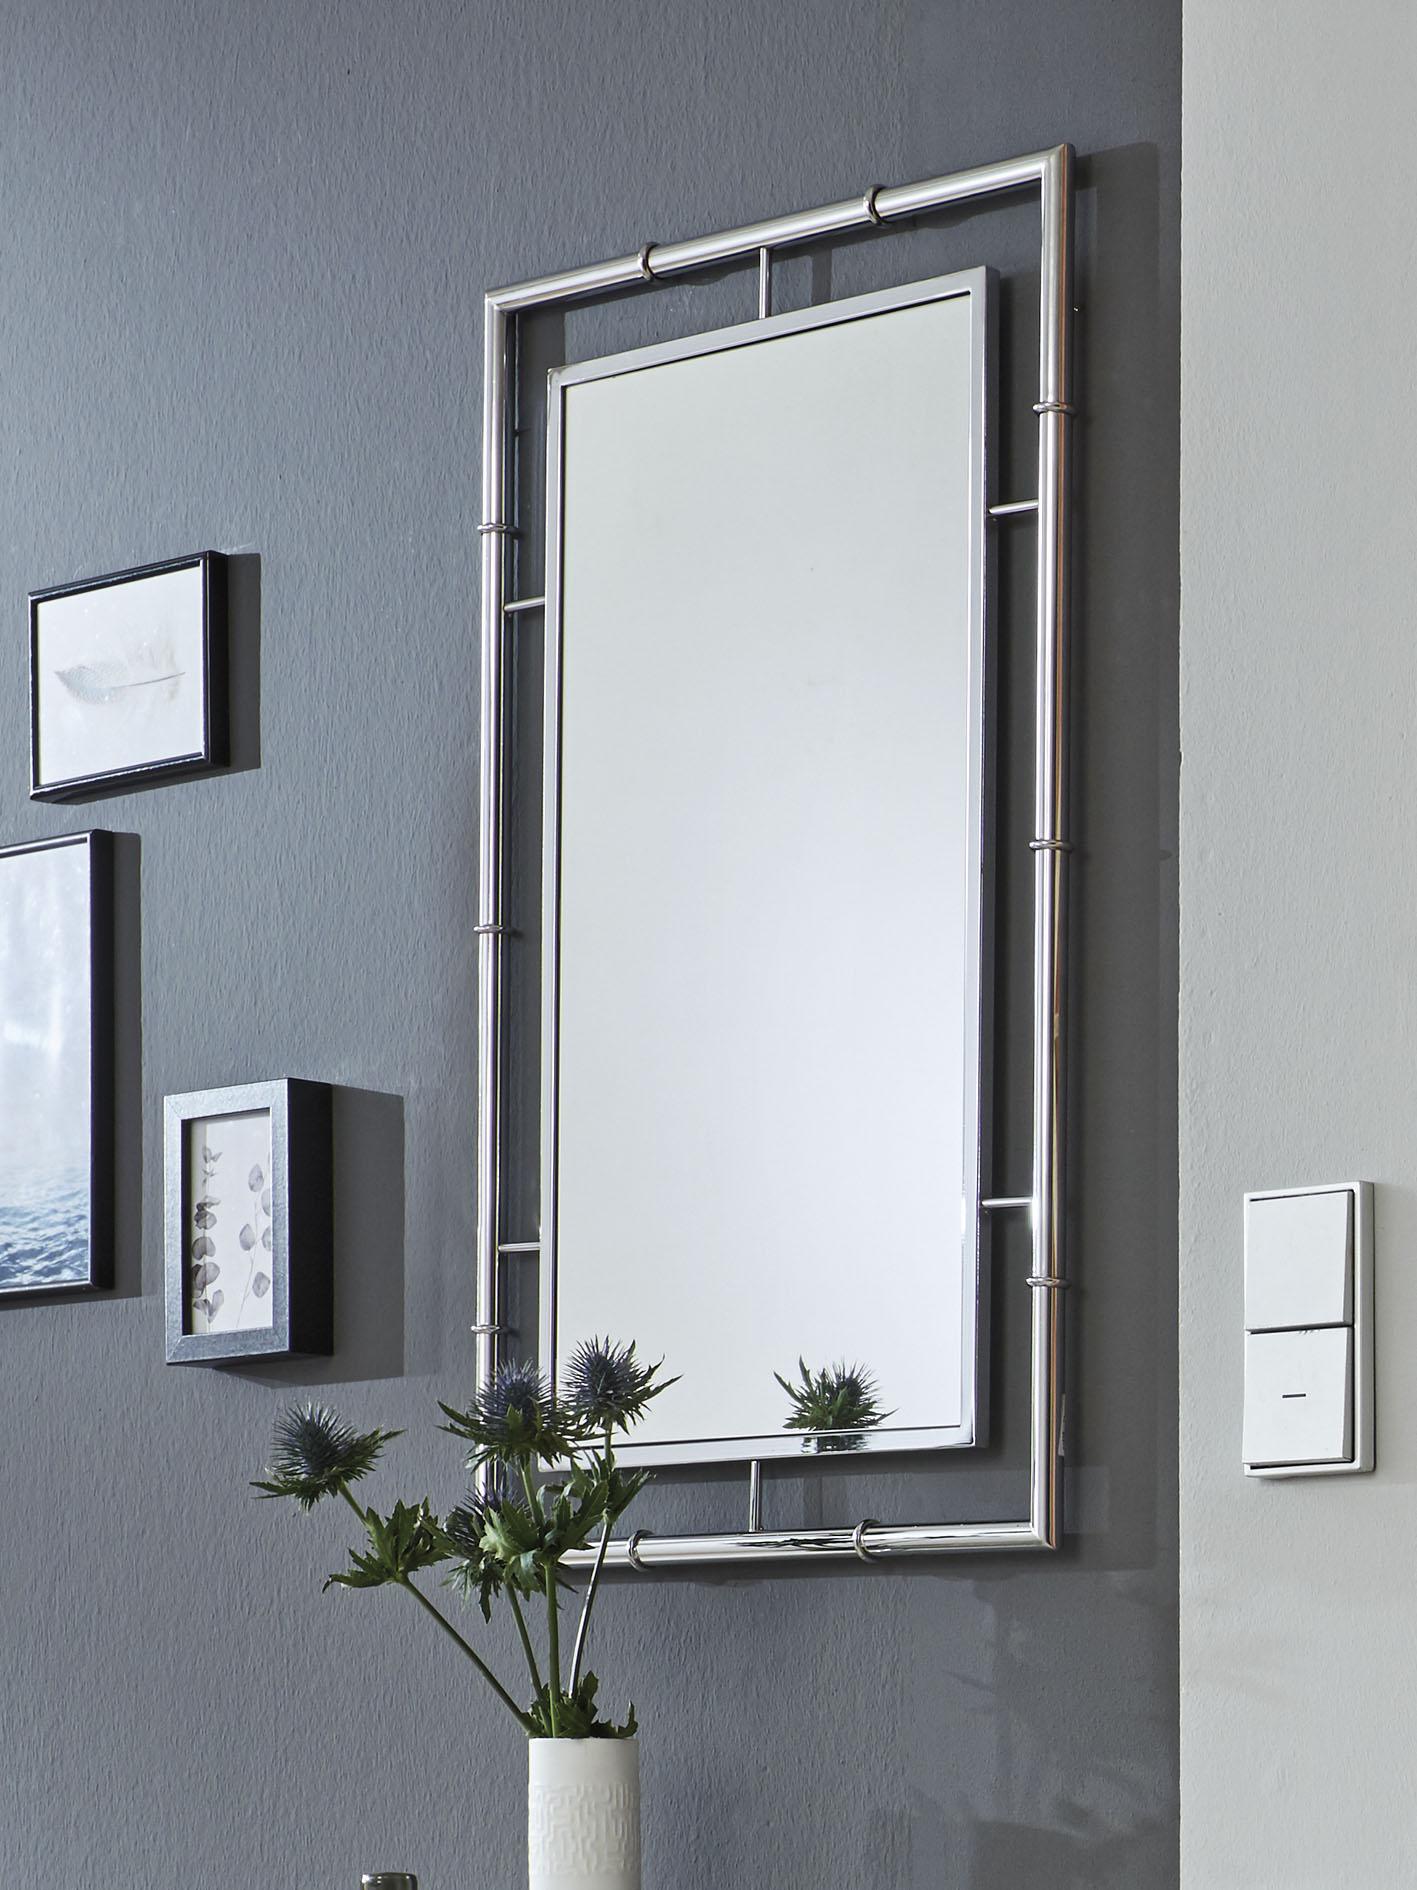 HAKU Wandspiegel Wohnen/Möbel/Garderoben/Spiegel/Wandspiegel